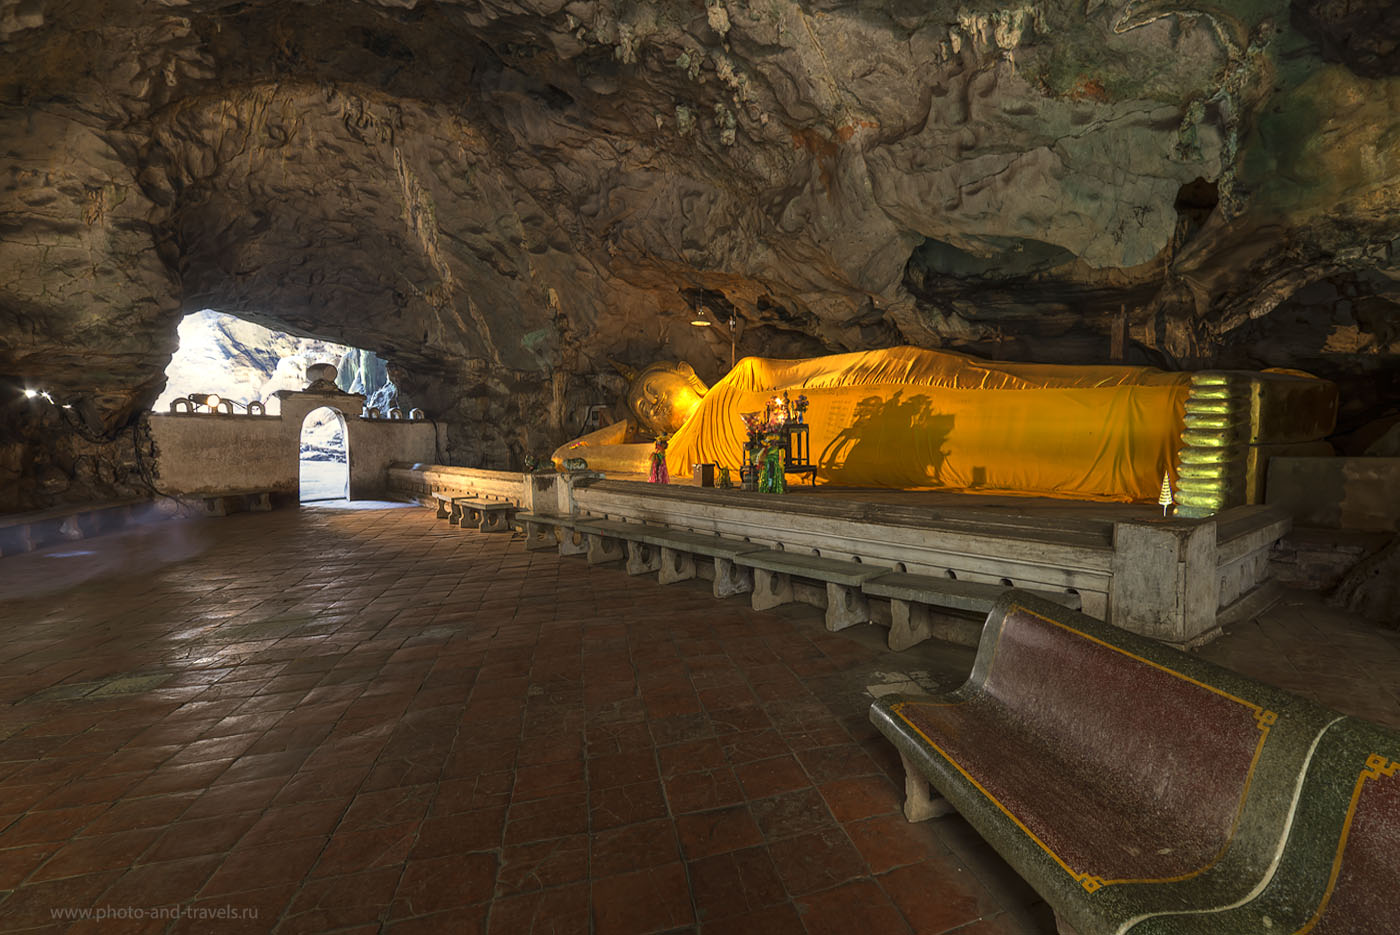 Фото 17. Лежащий Будда в пещере Тхам Луанг Кейв в окрестностях Хуахин. Поездка в Таиланд дикарем